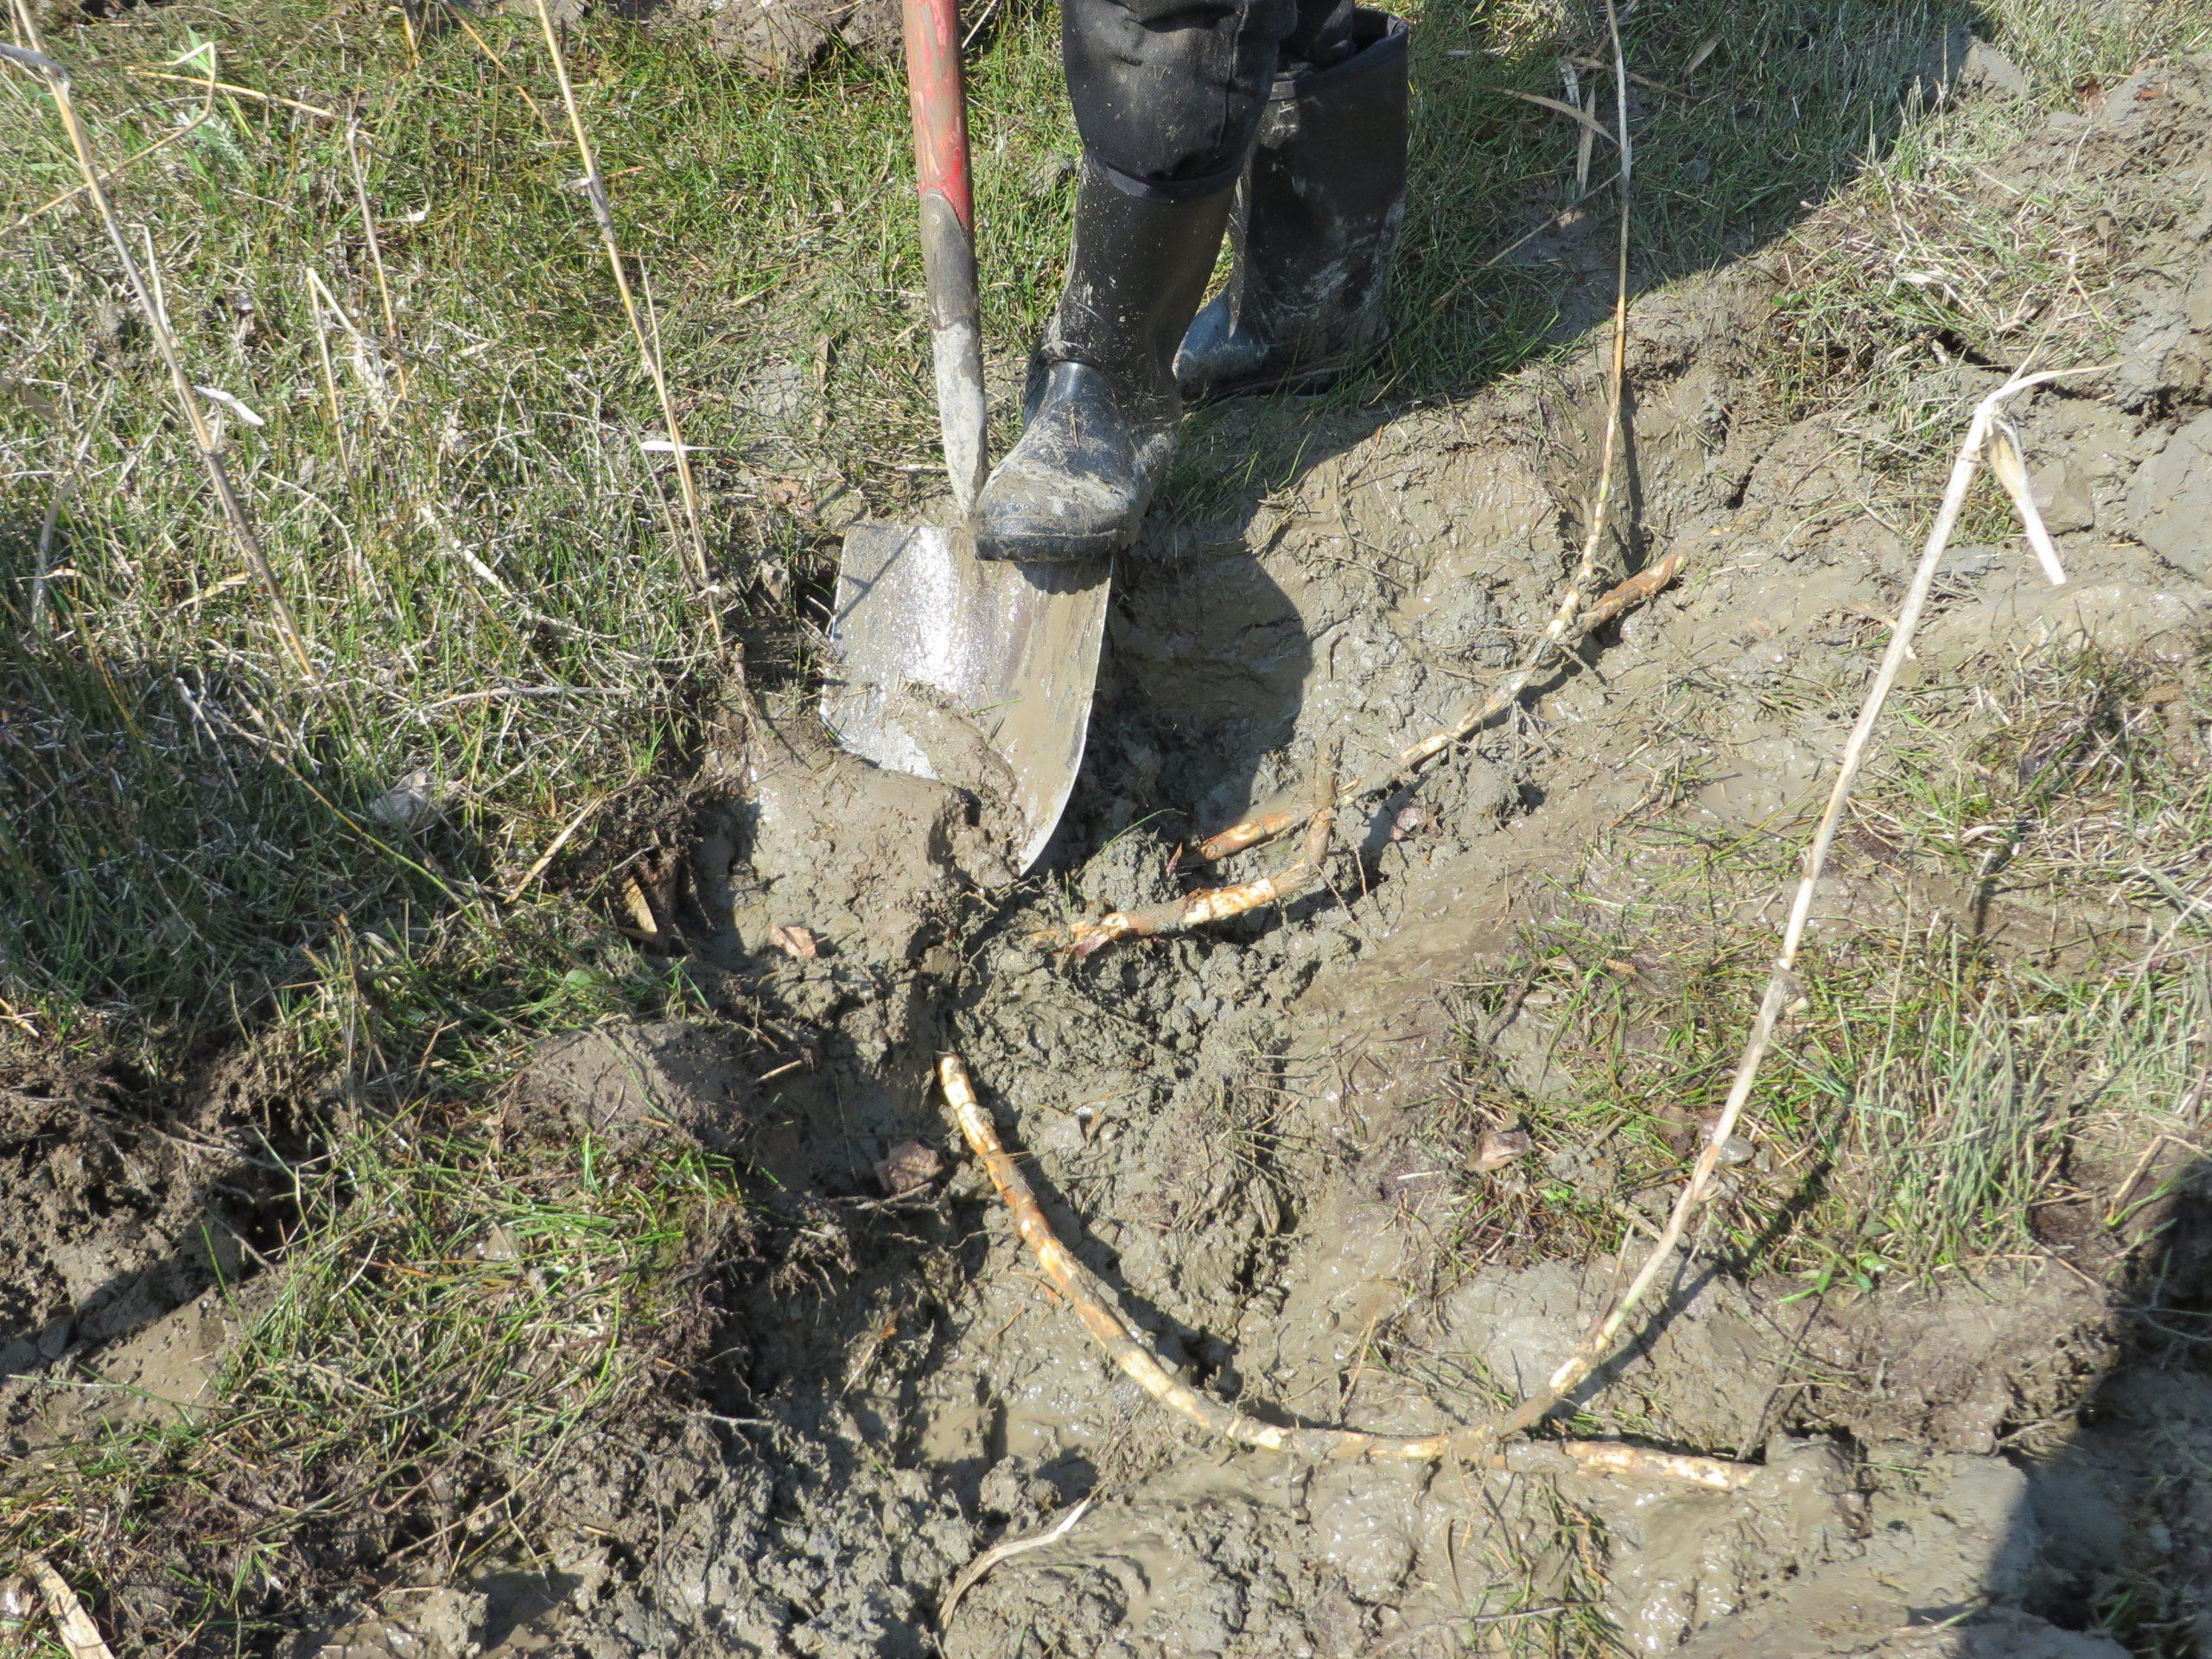 Arrachage de rhizomes de roseau commun à la pelle à la Réserve naturelle du Marais-Léon-Provancher (Photo: Réhaume Courtois)